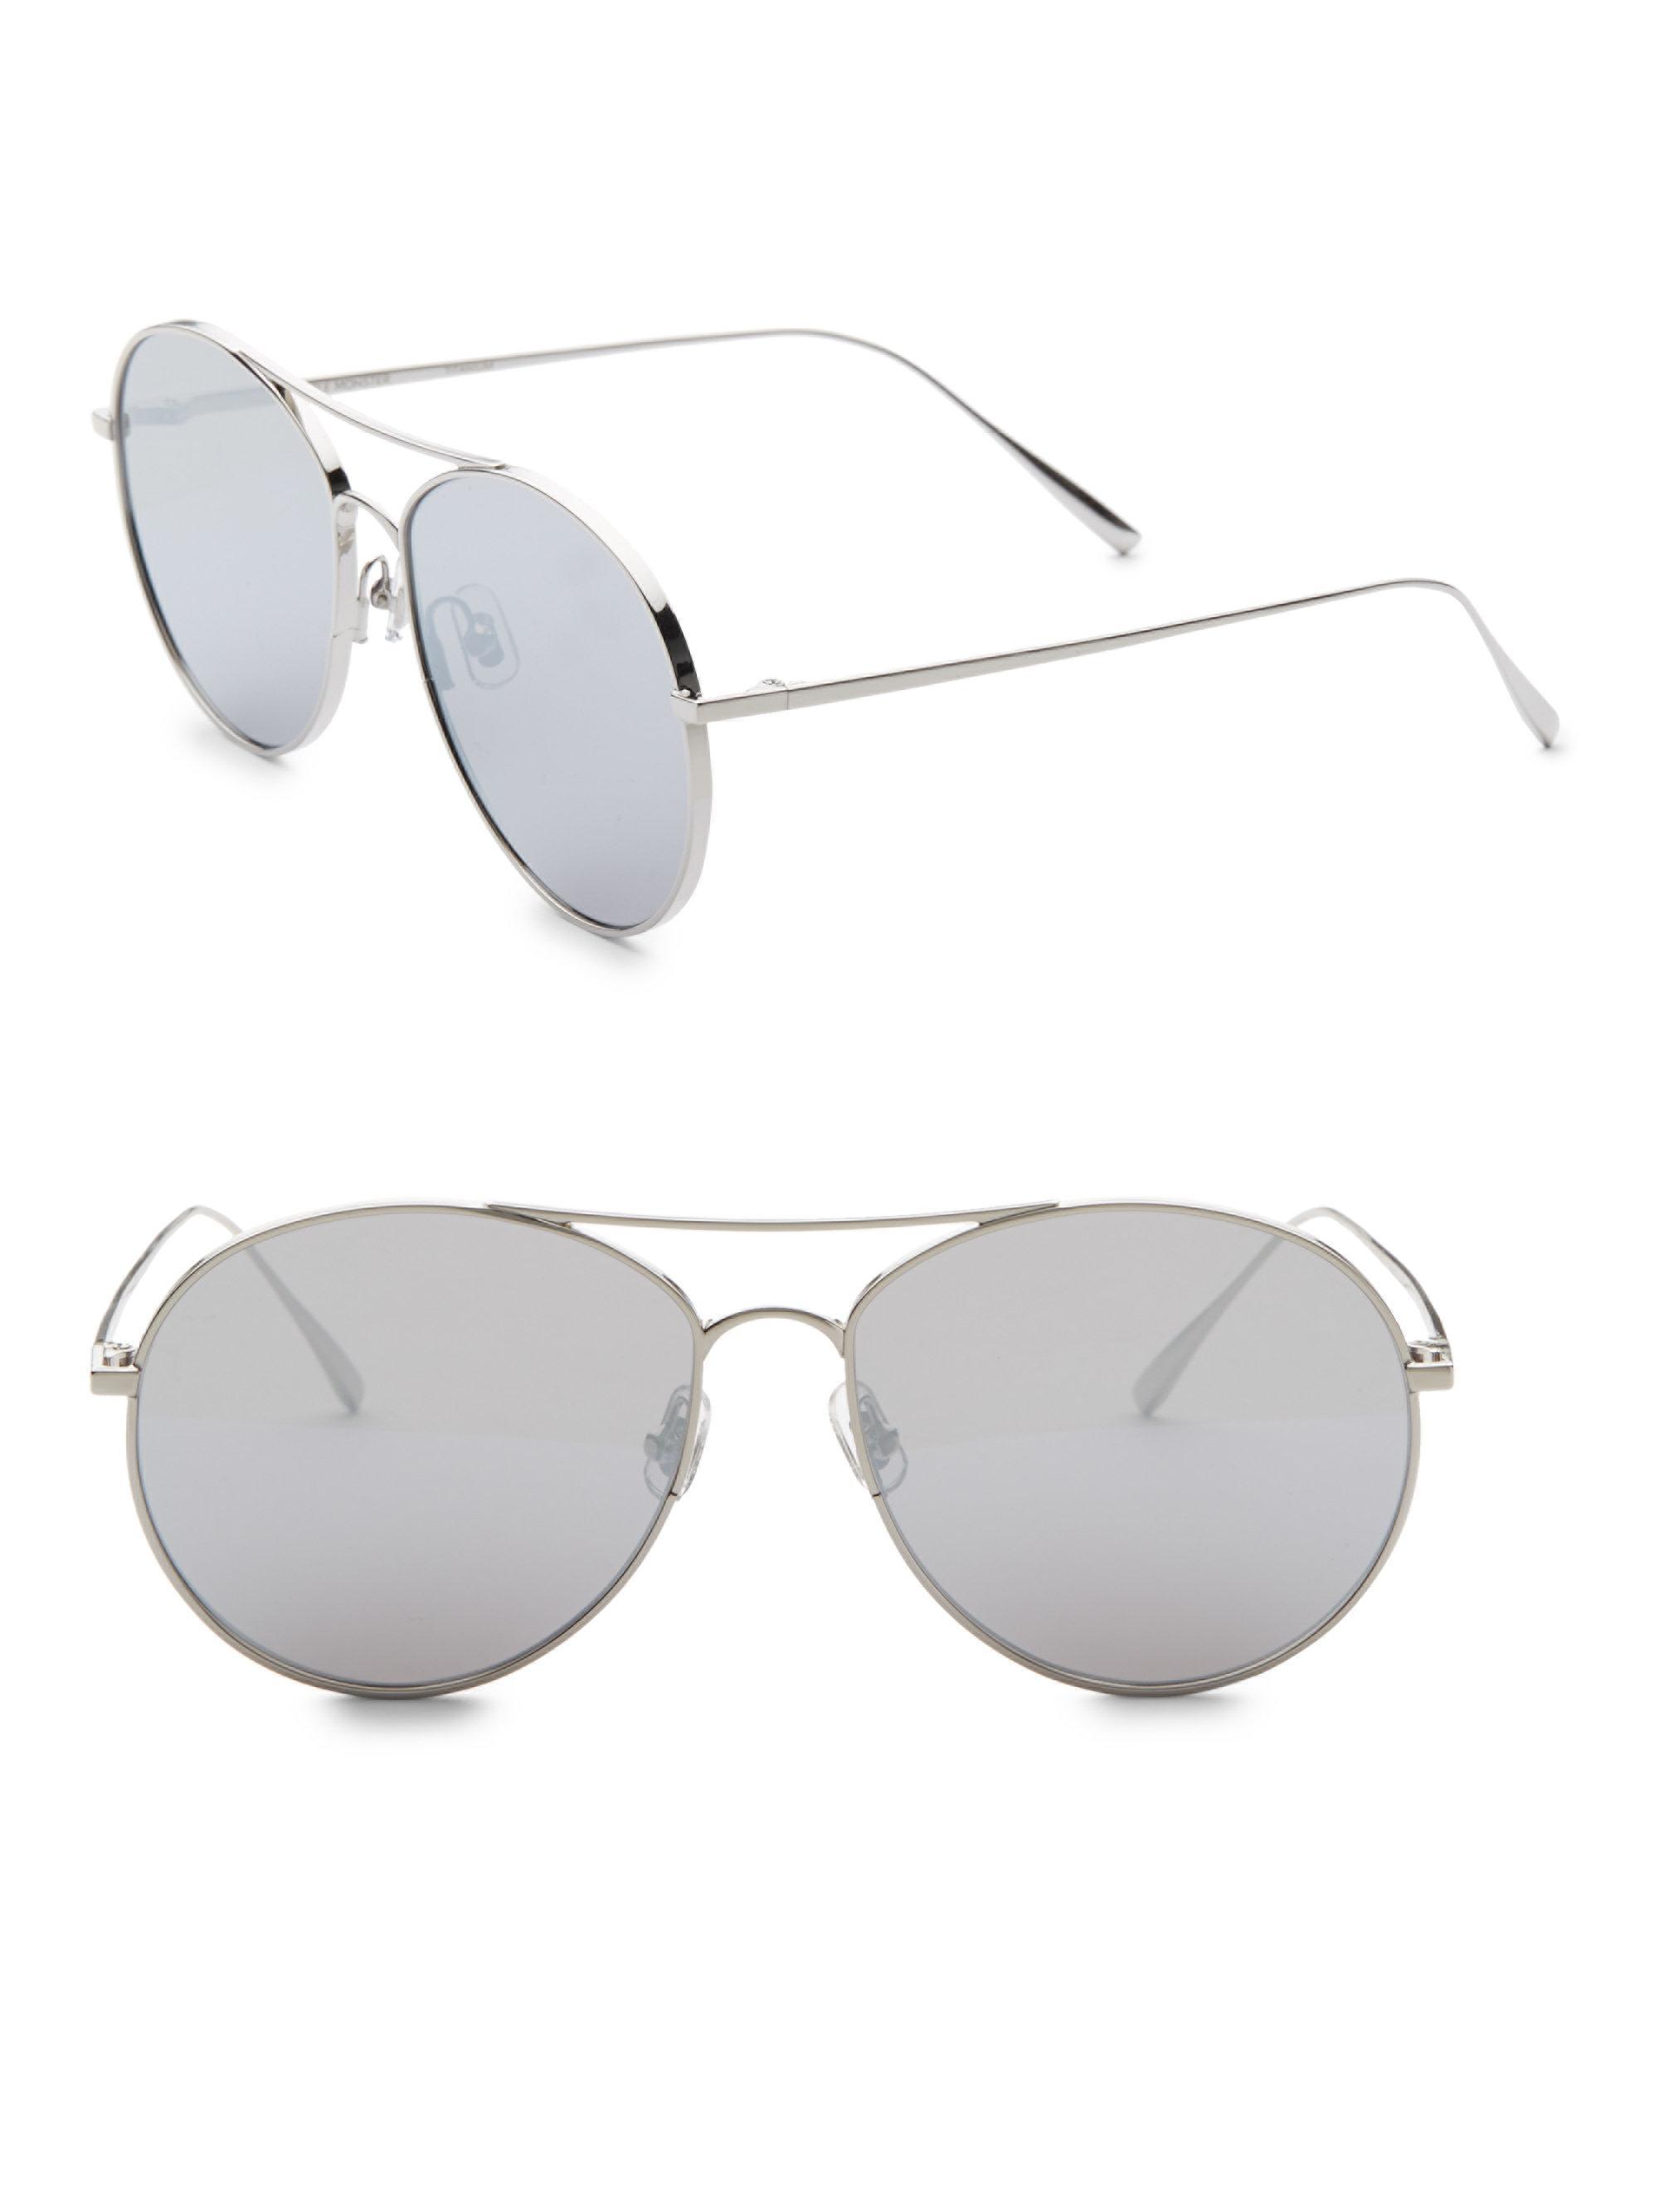 3ef87059885e Gentle Monster Ranny Ring 57mm Aviator Sunglasses in Metallic - Lyst